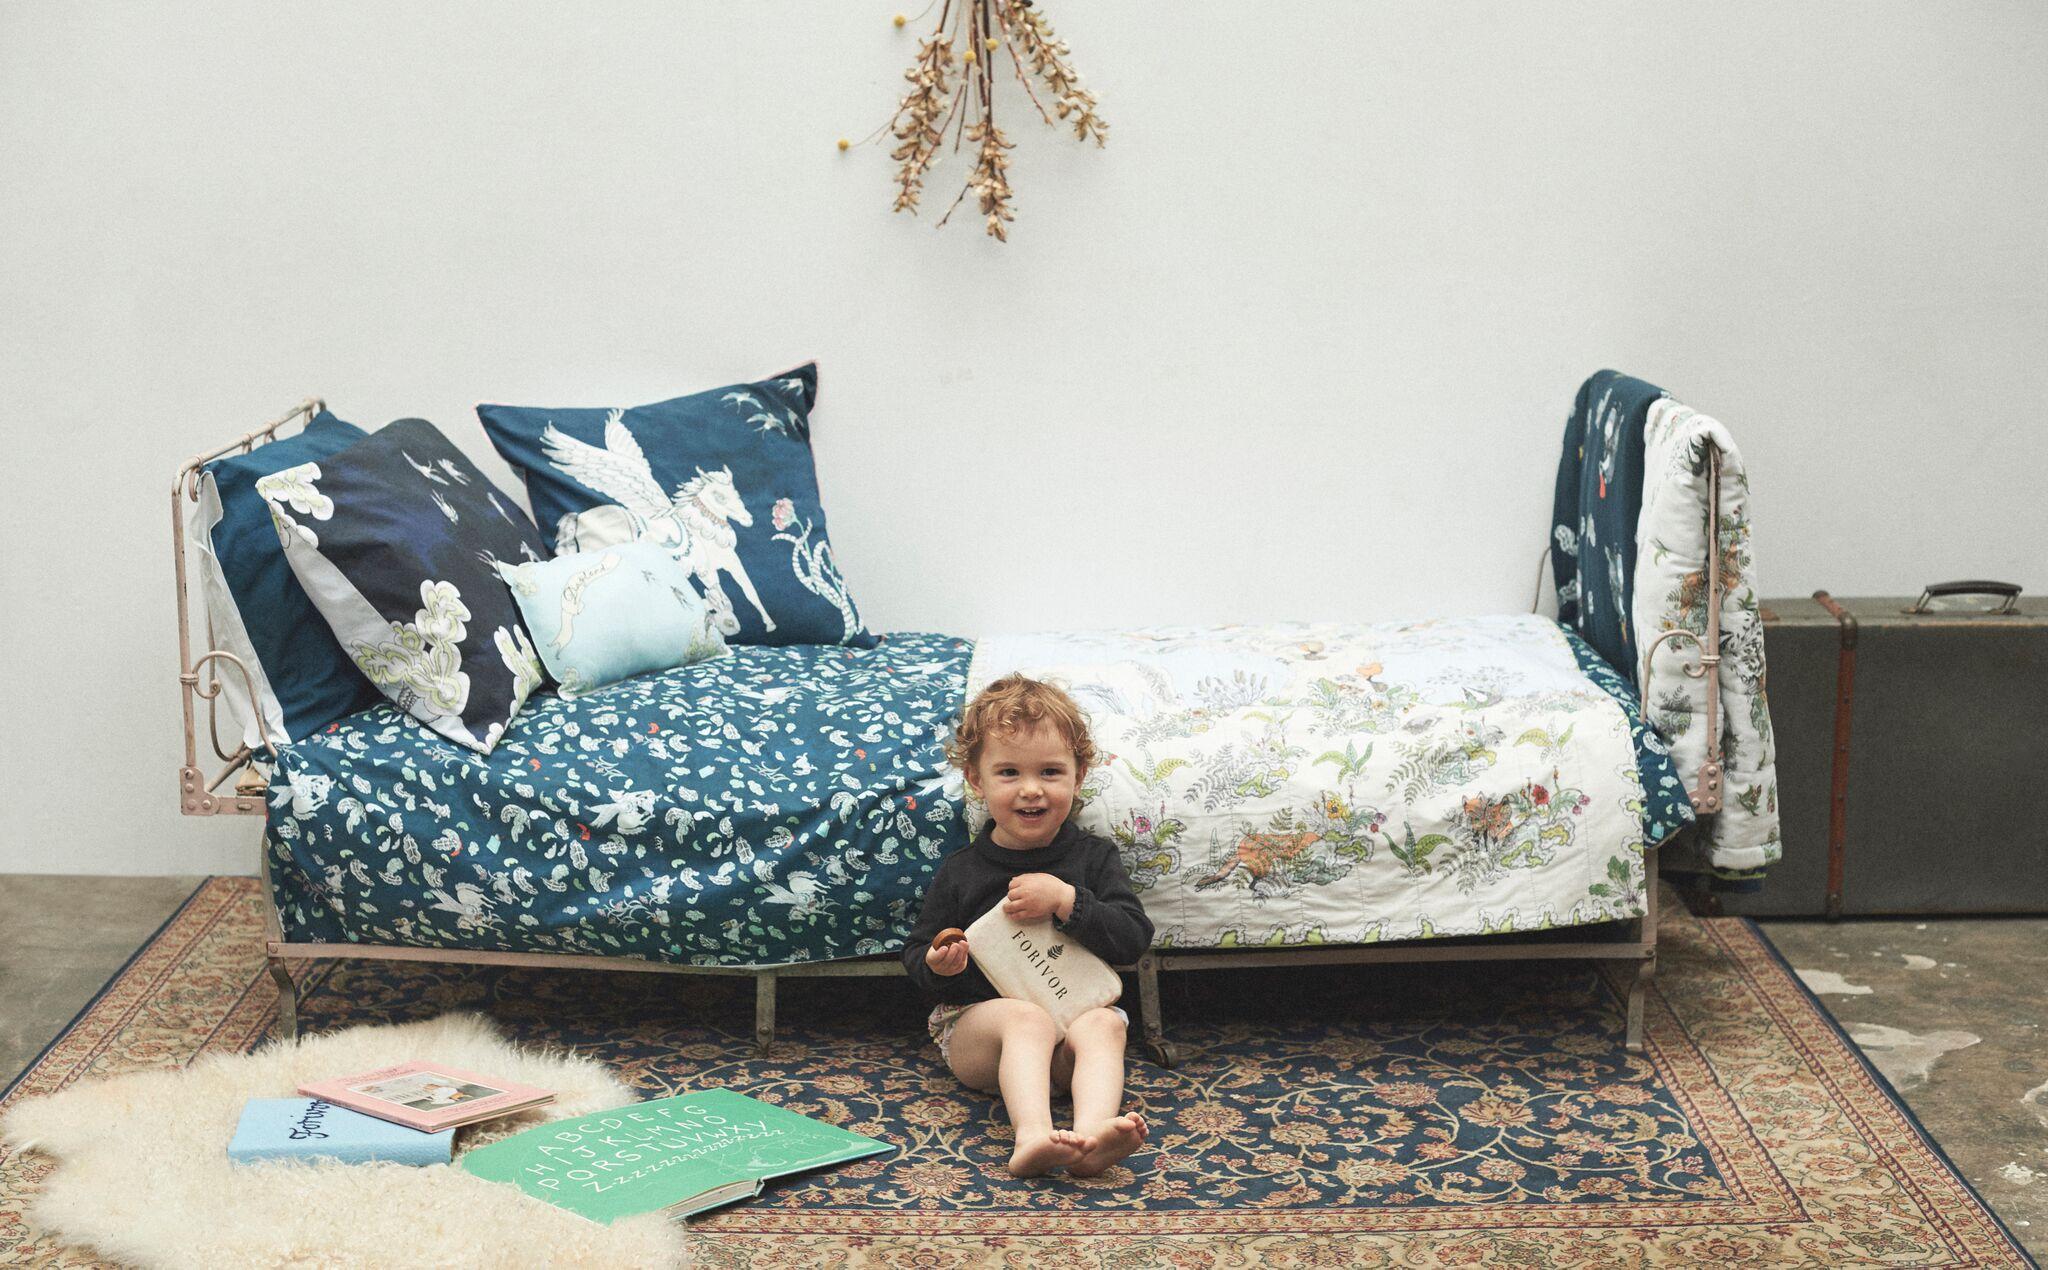 Children's bedding collection